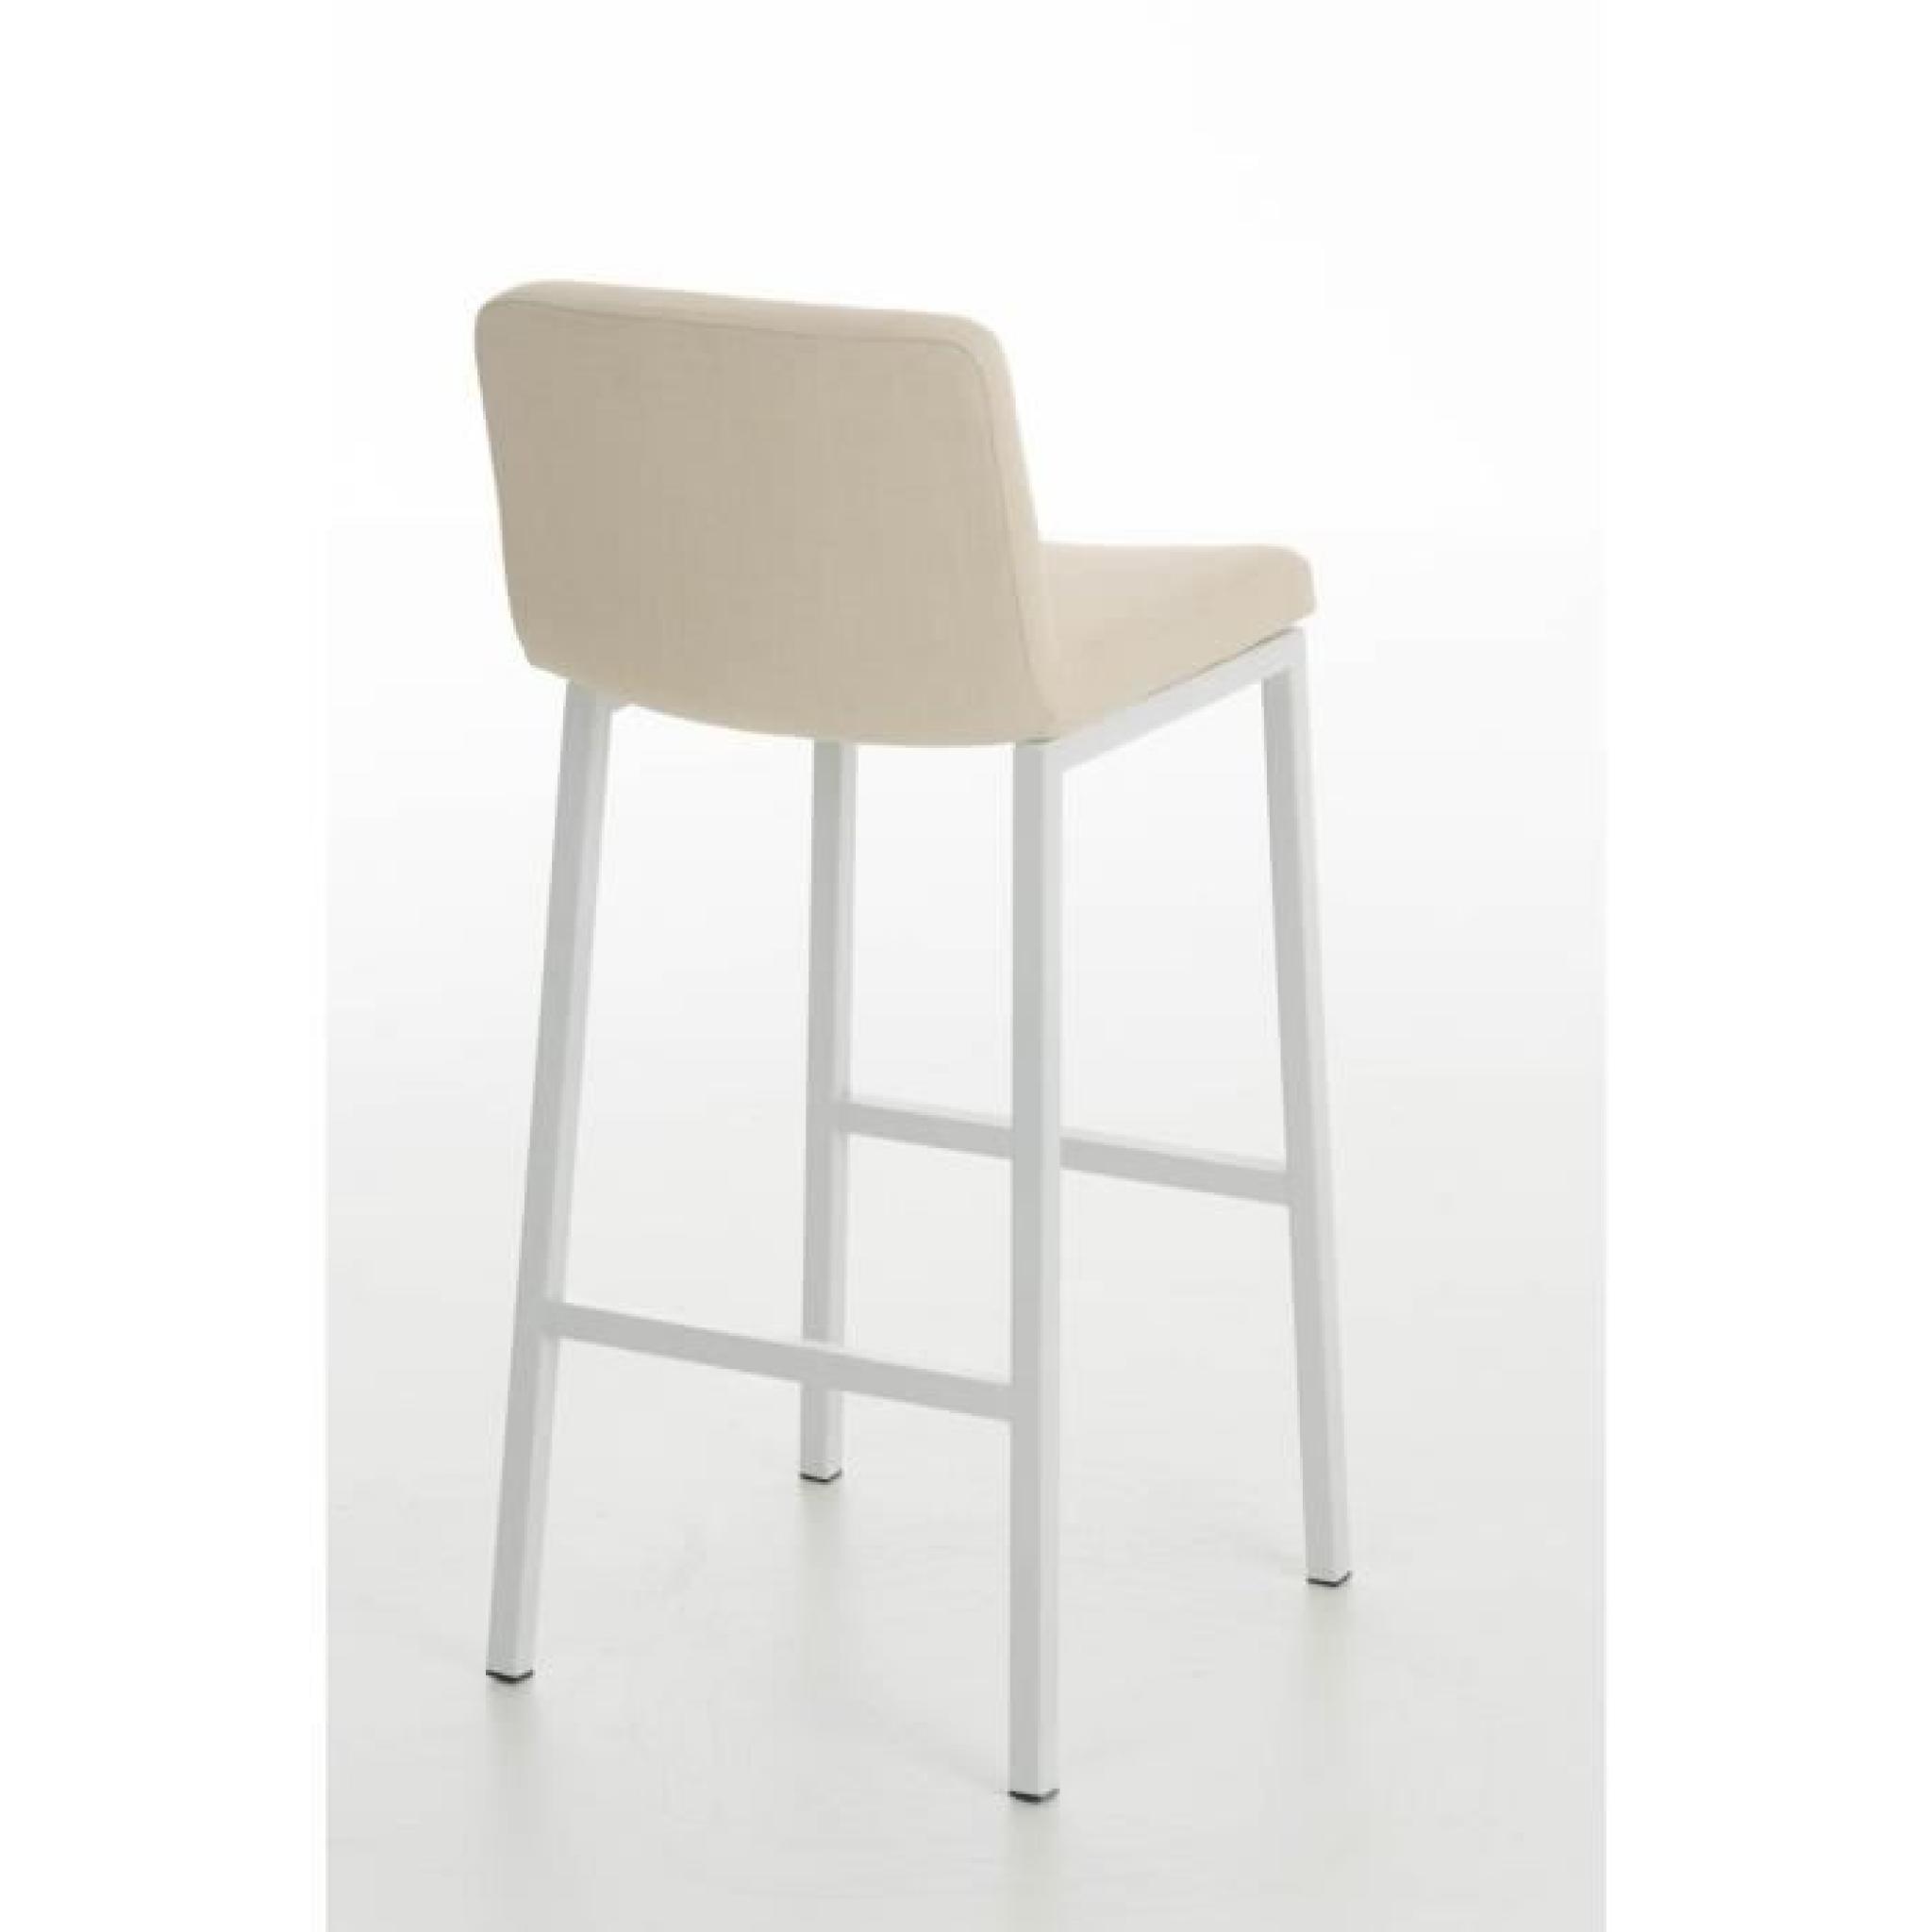 CLP Tabouret de bar en métal blanc VAGOS W77 - Confortable et ...